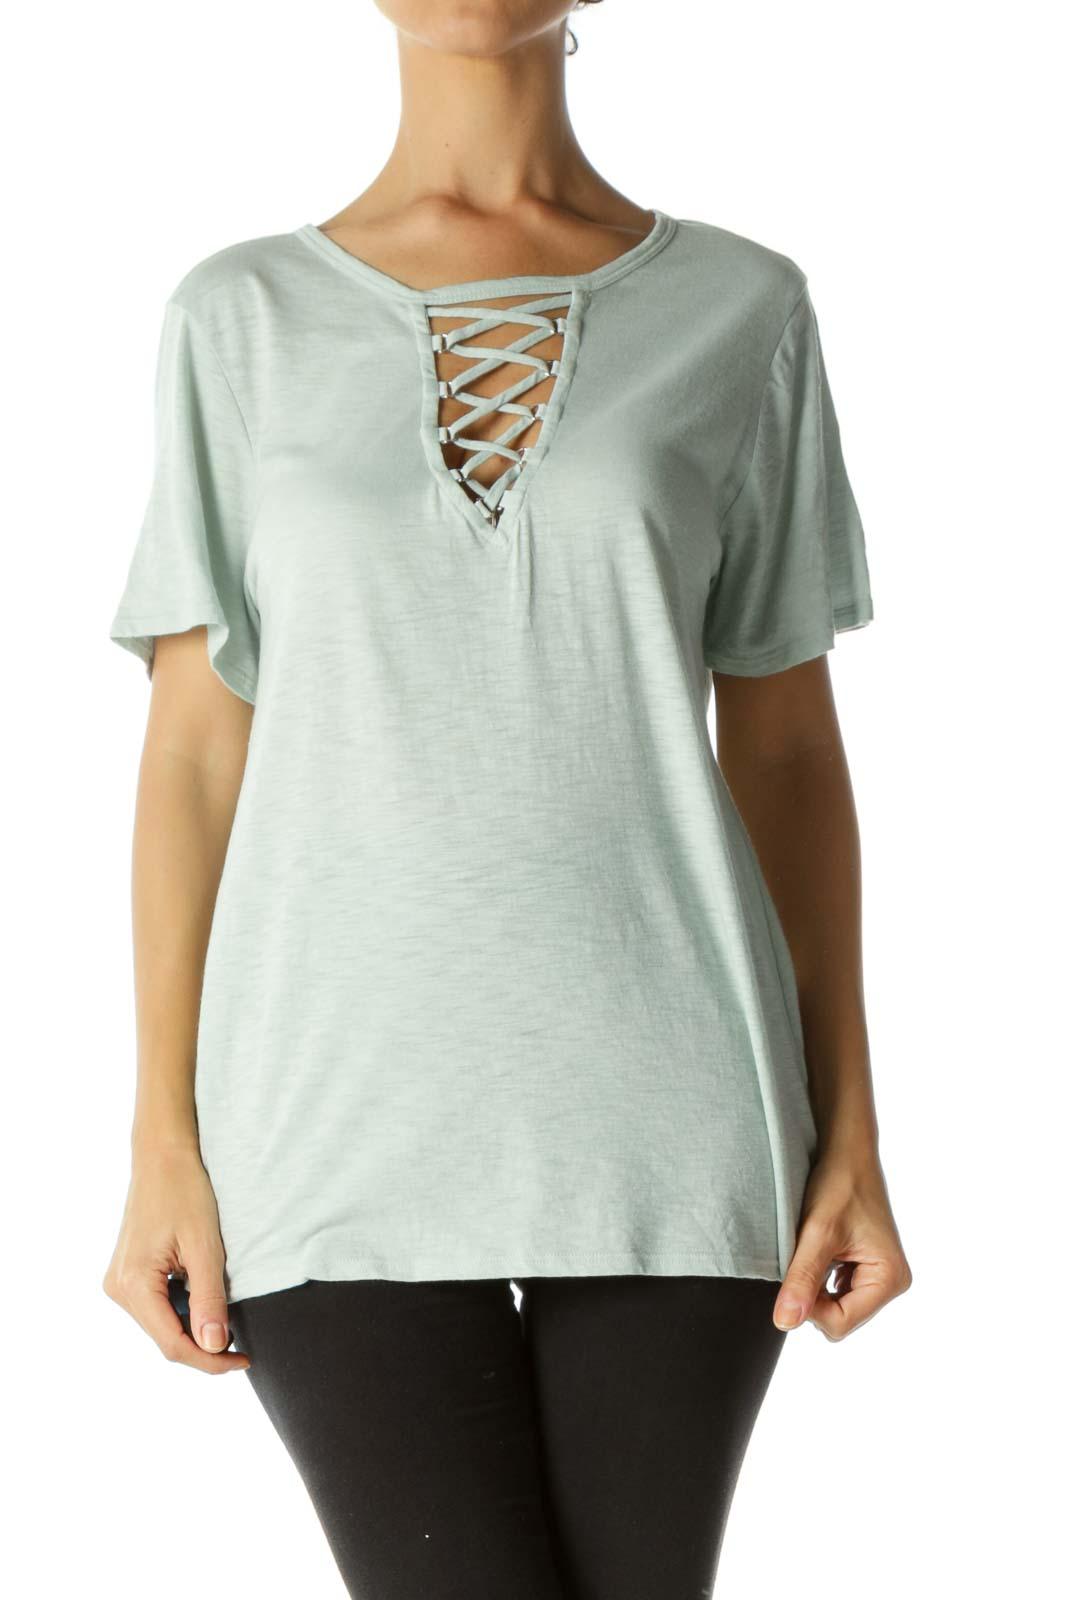 Light Mint Green Cotton Blend Crisscross Stretch T-Shirt Front